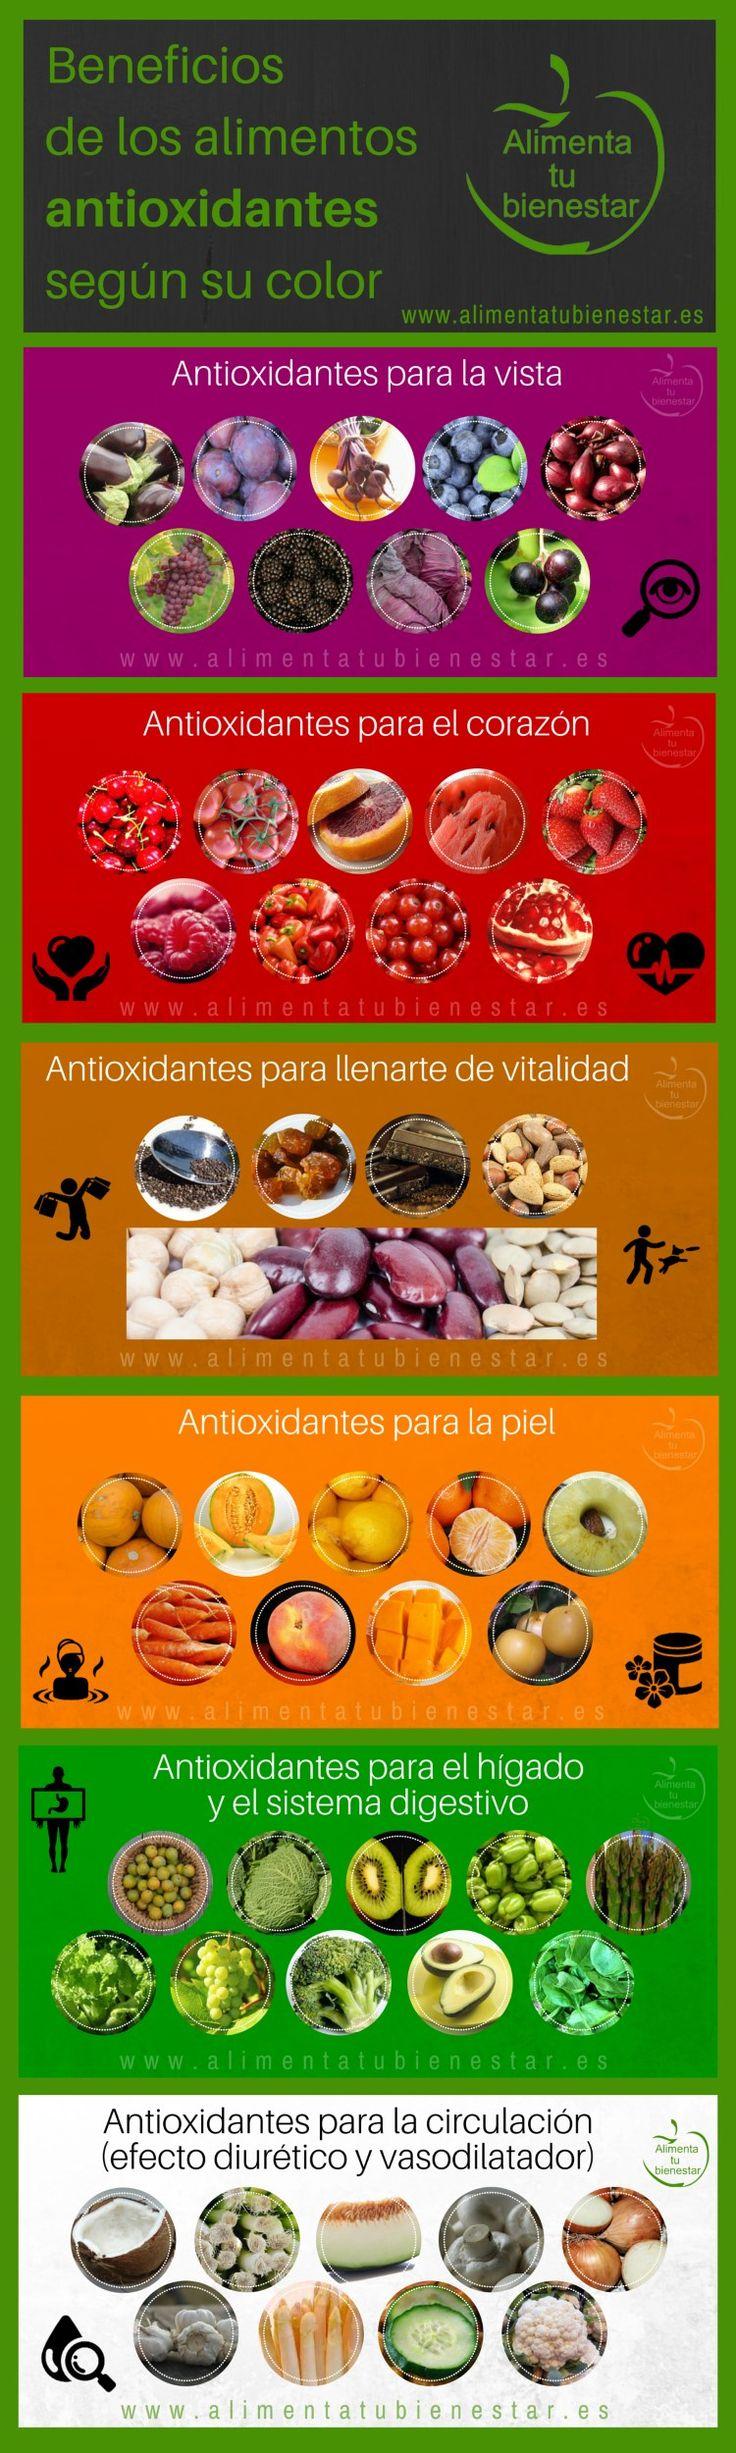 #Infografia Beneficios de los alimentos #antioxidantes por su color